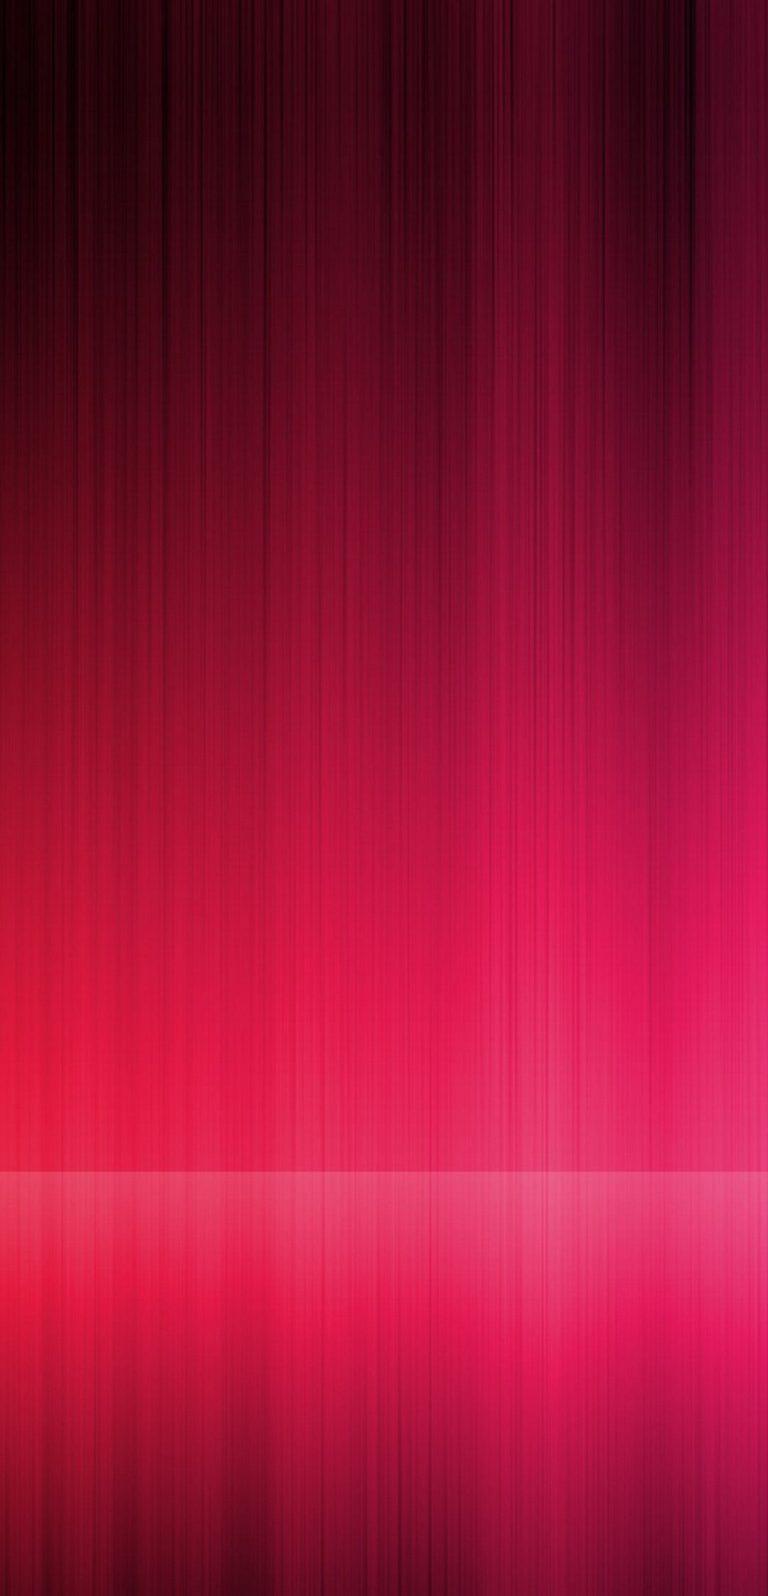 1080x2244 Wallpaper 066 768x1596